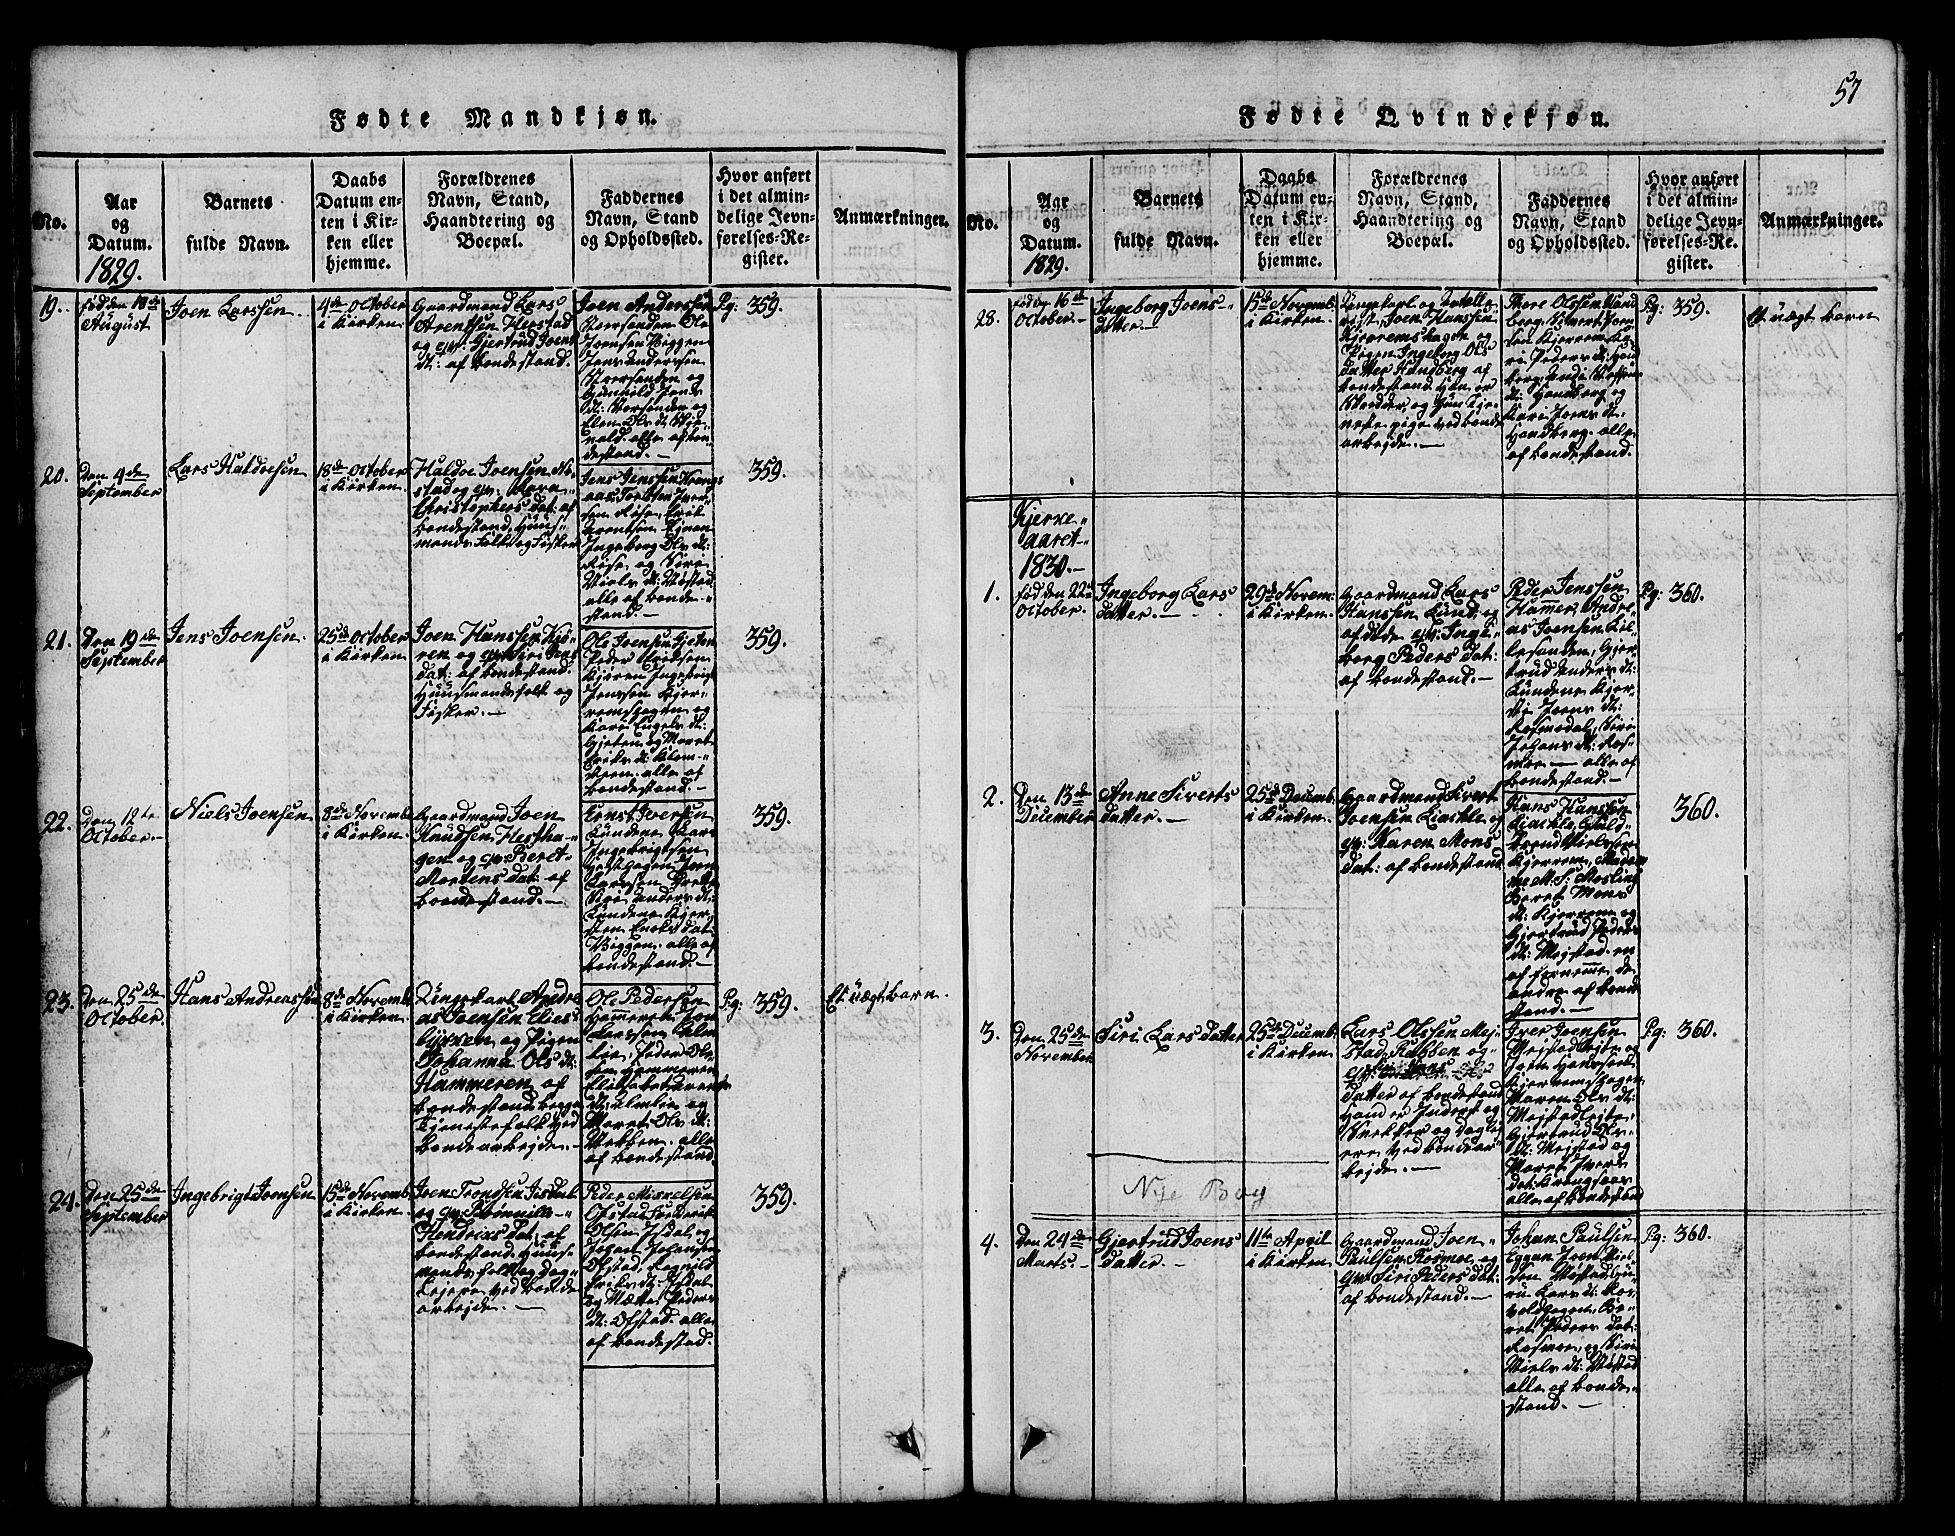 SAT, Ministerialprotokoller, klokkerbøker og fødselsregistre - Sør-Trøndelag, 665/L0776: Klokkerbok nr. 665C01, 1817-1837, s. 57